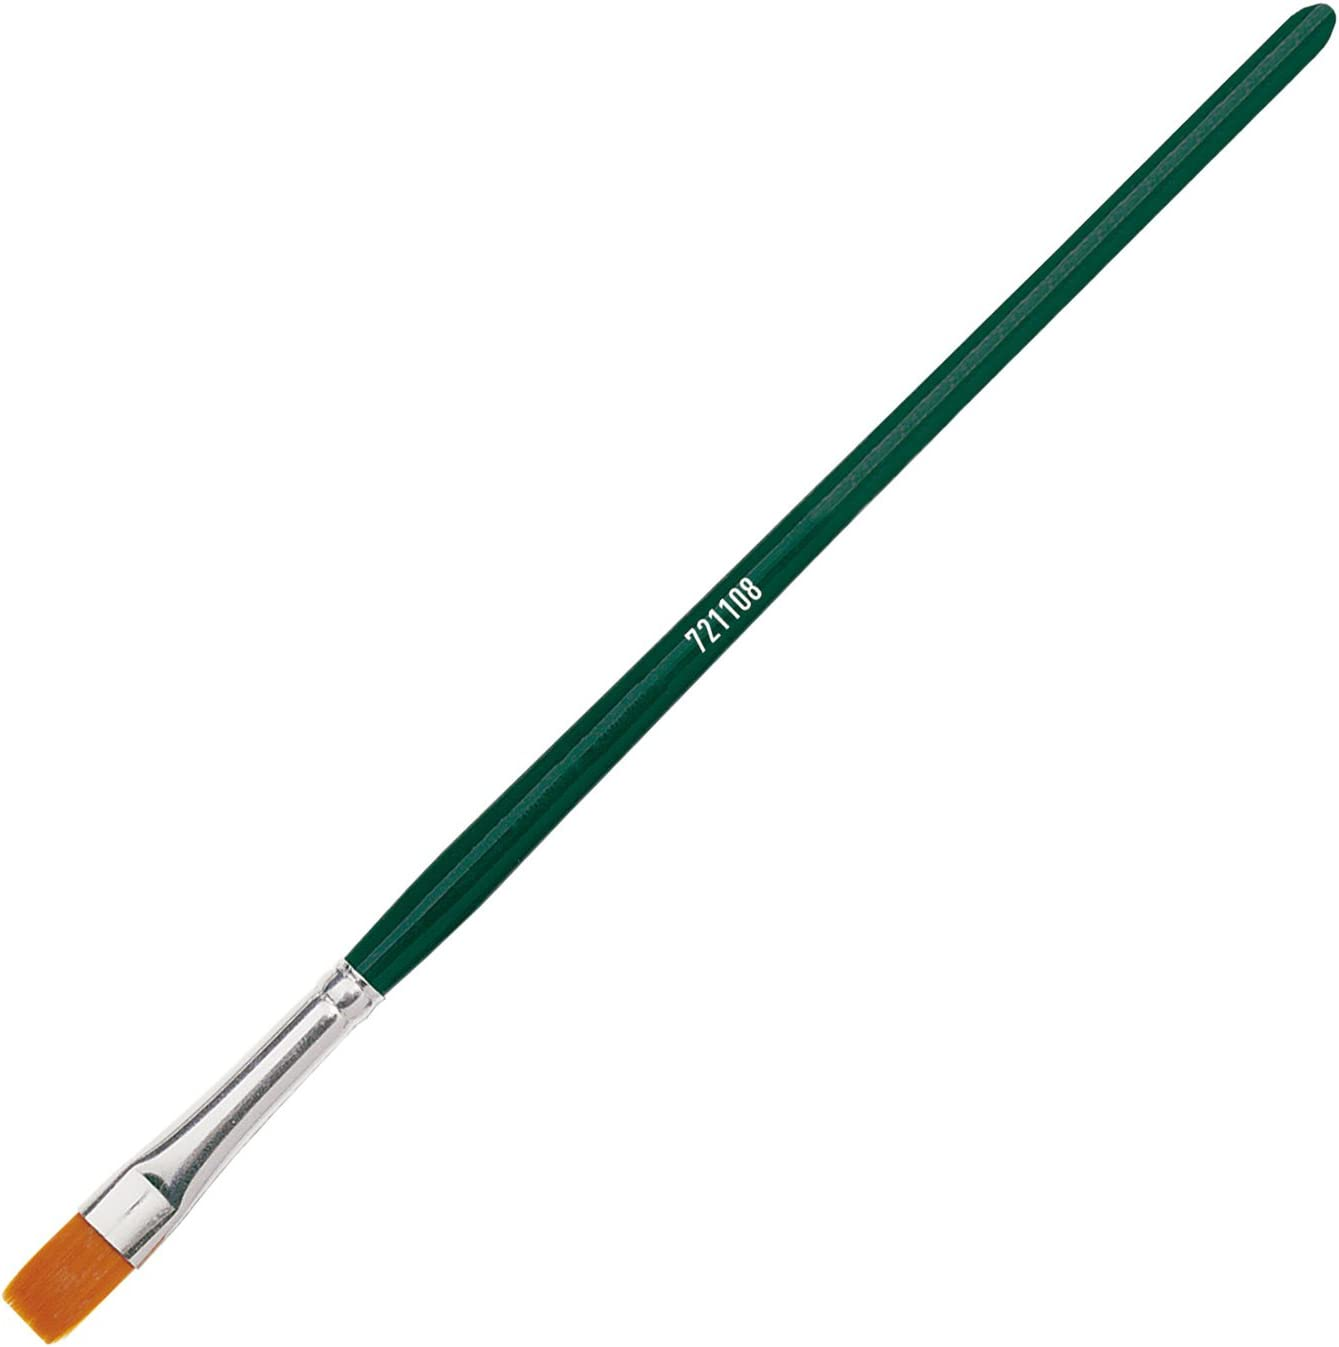 Universalpinsel Basic Synthetics Gr/ö/ße 8 flach Besatz aus feinem Nylonhaar f/ür Kunst Kreul 721108 Hobby Schule und Gro/ßverbraucher